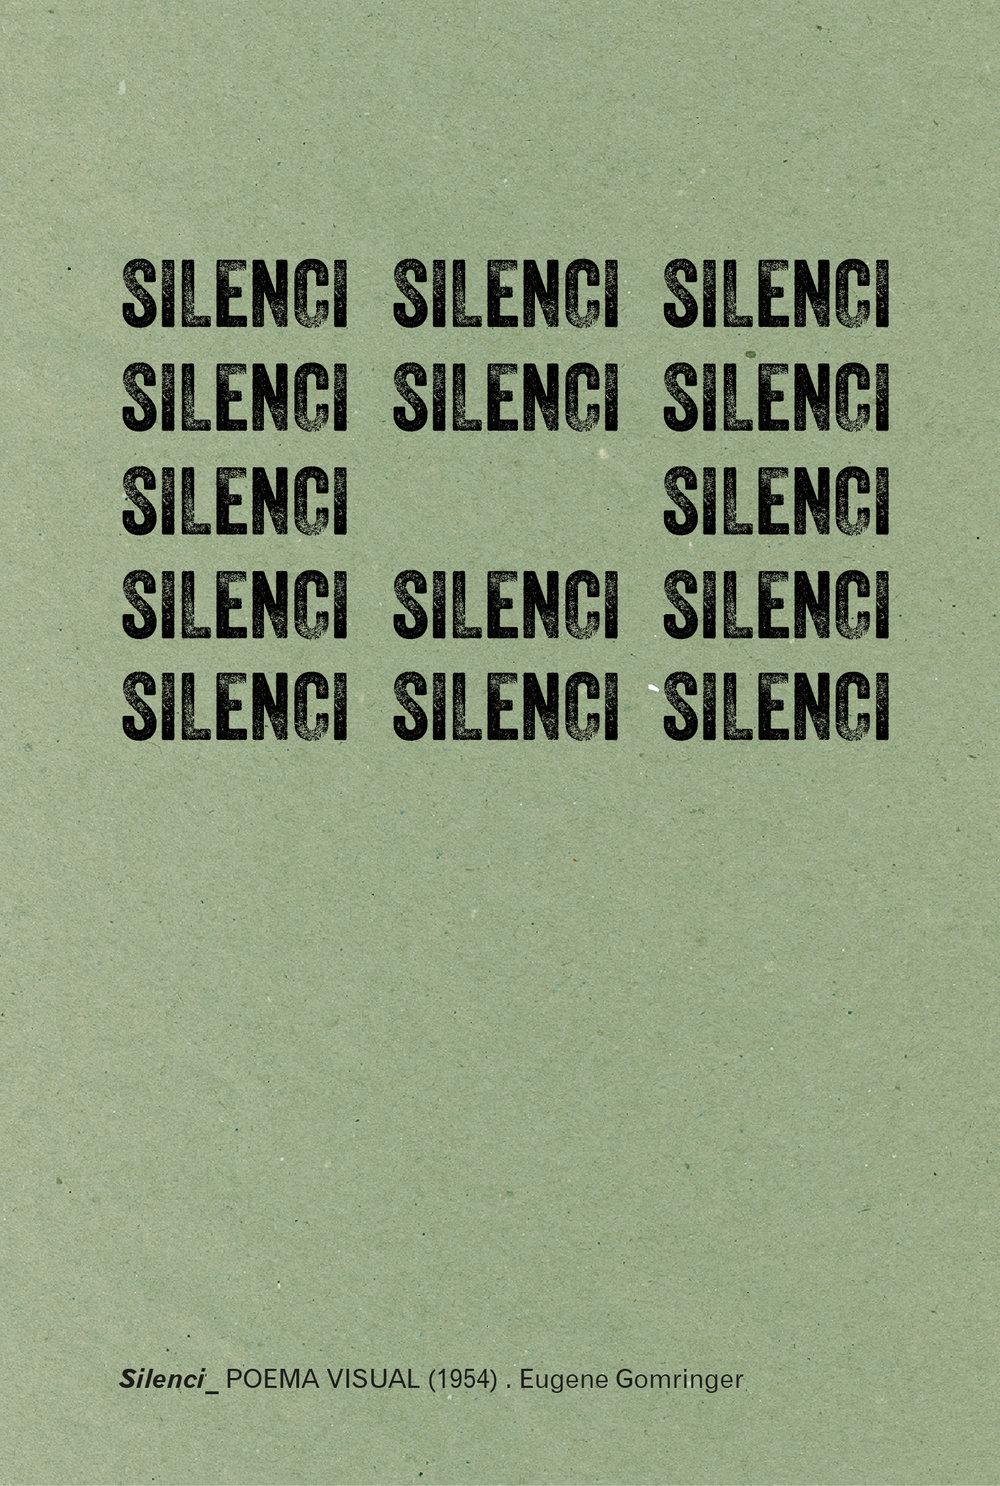 SILENCI_POEMA VISUAL (1954) . Eugene Gomringer